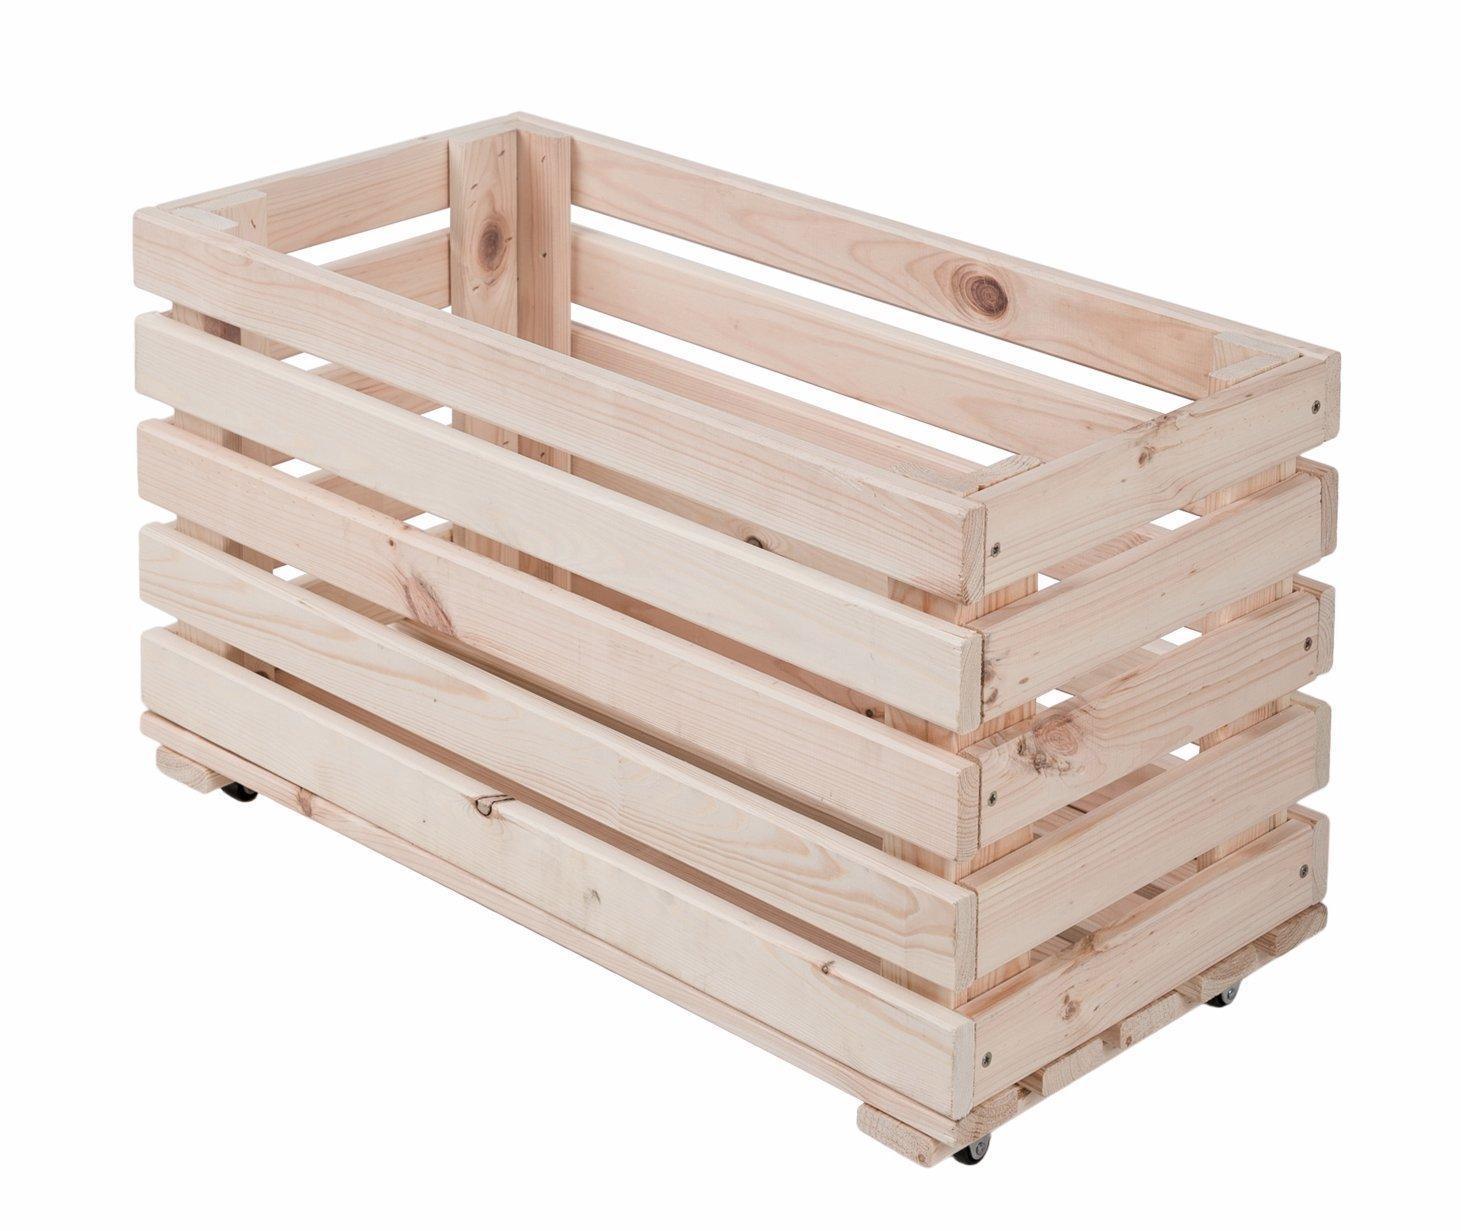 qtimber 10002029 Pickup Box auf Rollen 35x60x30cm